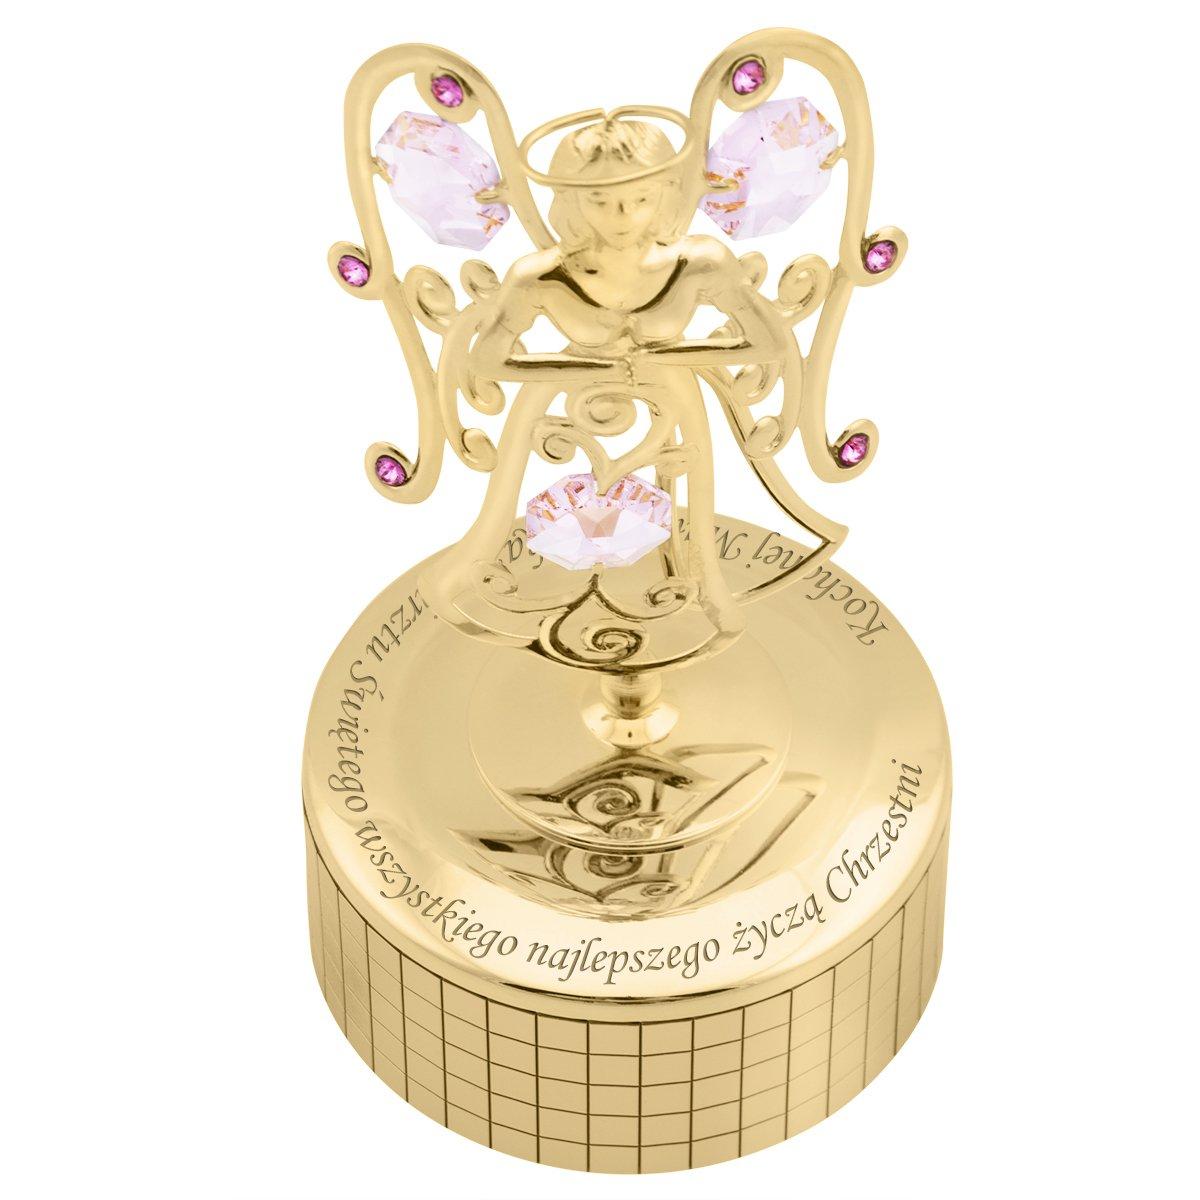 Pozytywka Anioł Różowe Kryształy Swarovski Prezent na Chrzest Grawer